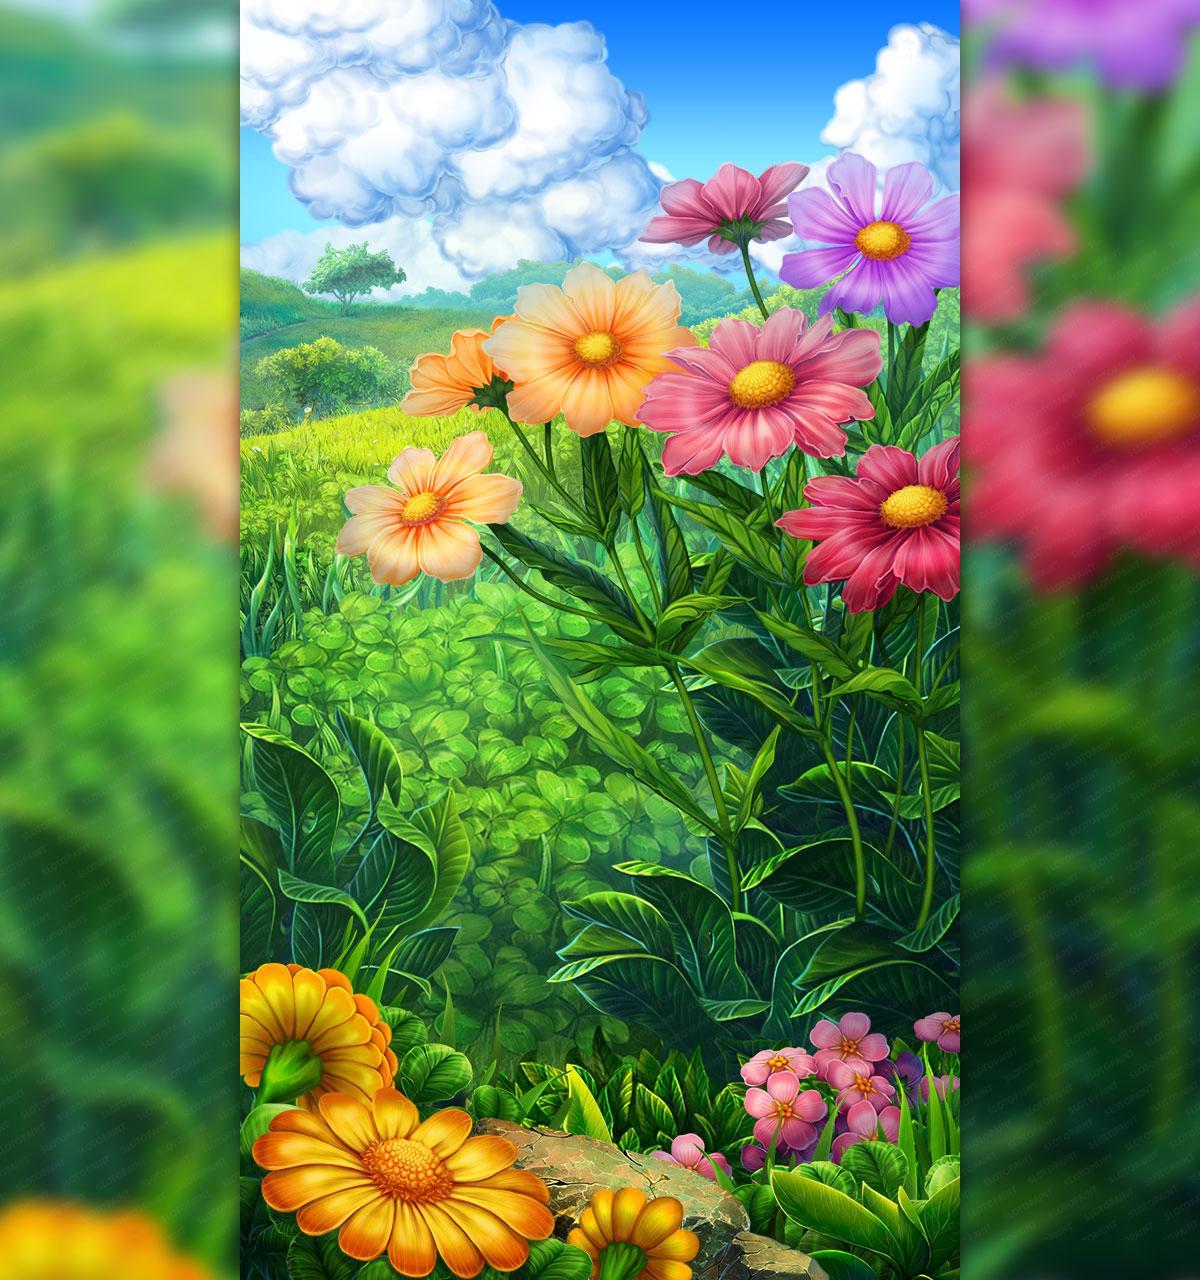 blossom_paradise_blog_background